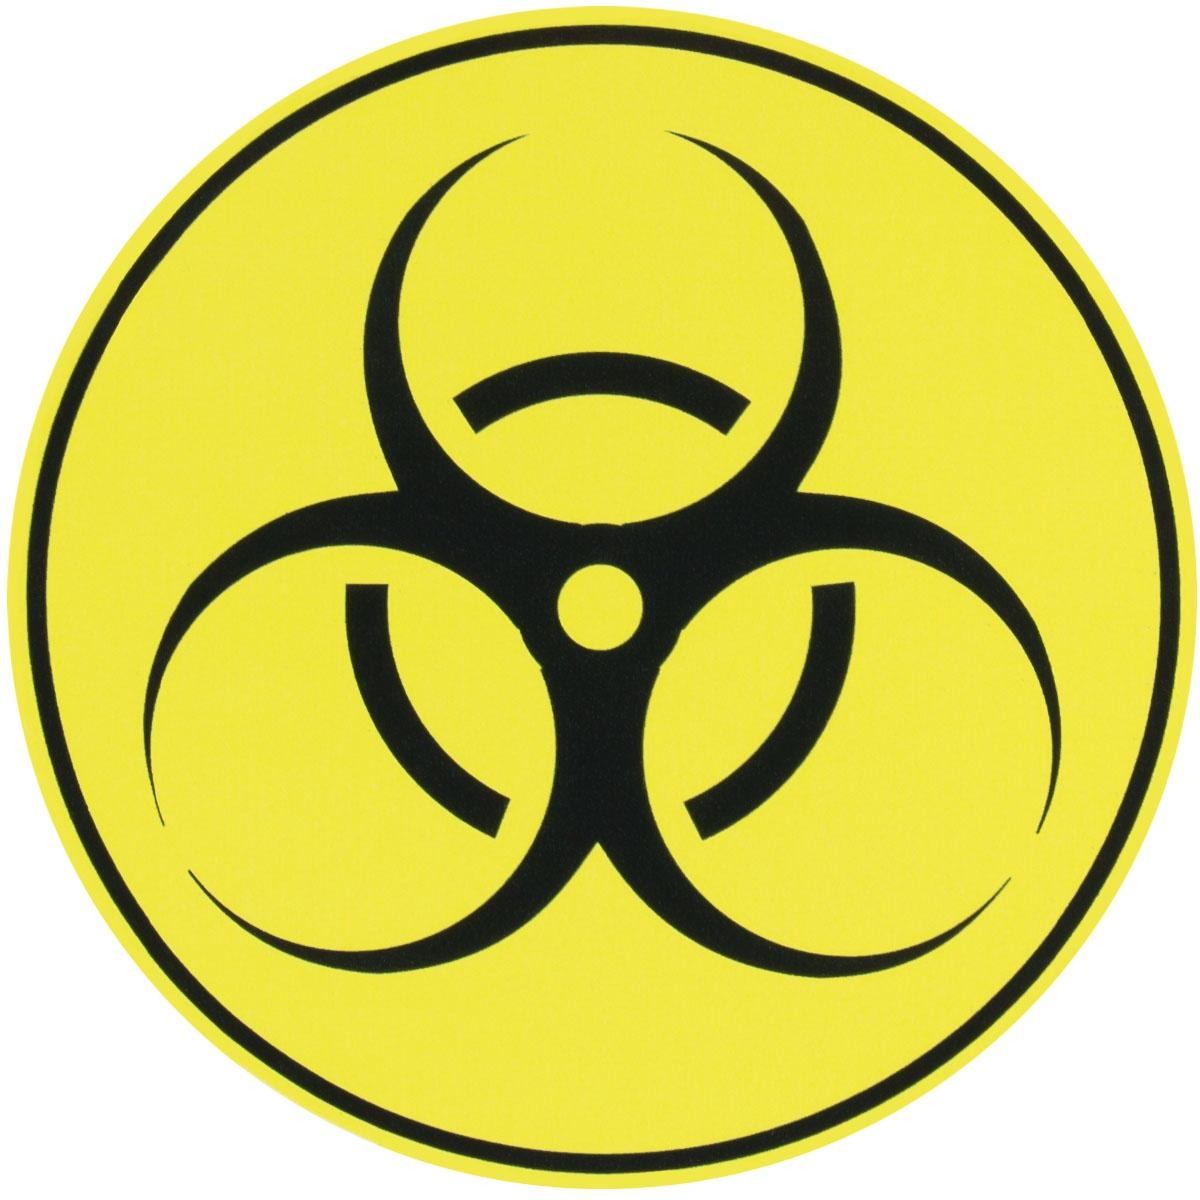 Наклейка на автомобиль Бактерия виниловая 12х12 для автомобиля или на автомобиль